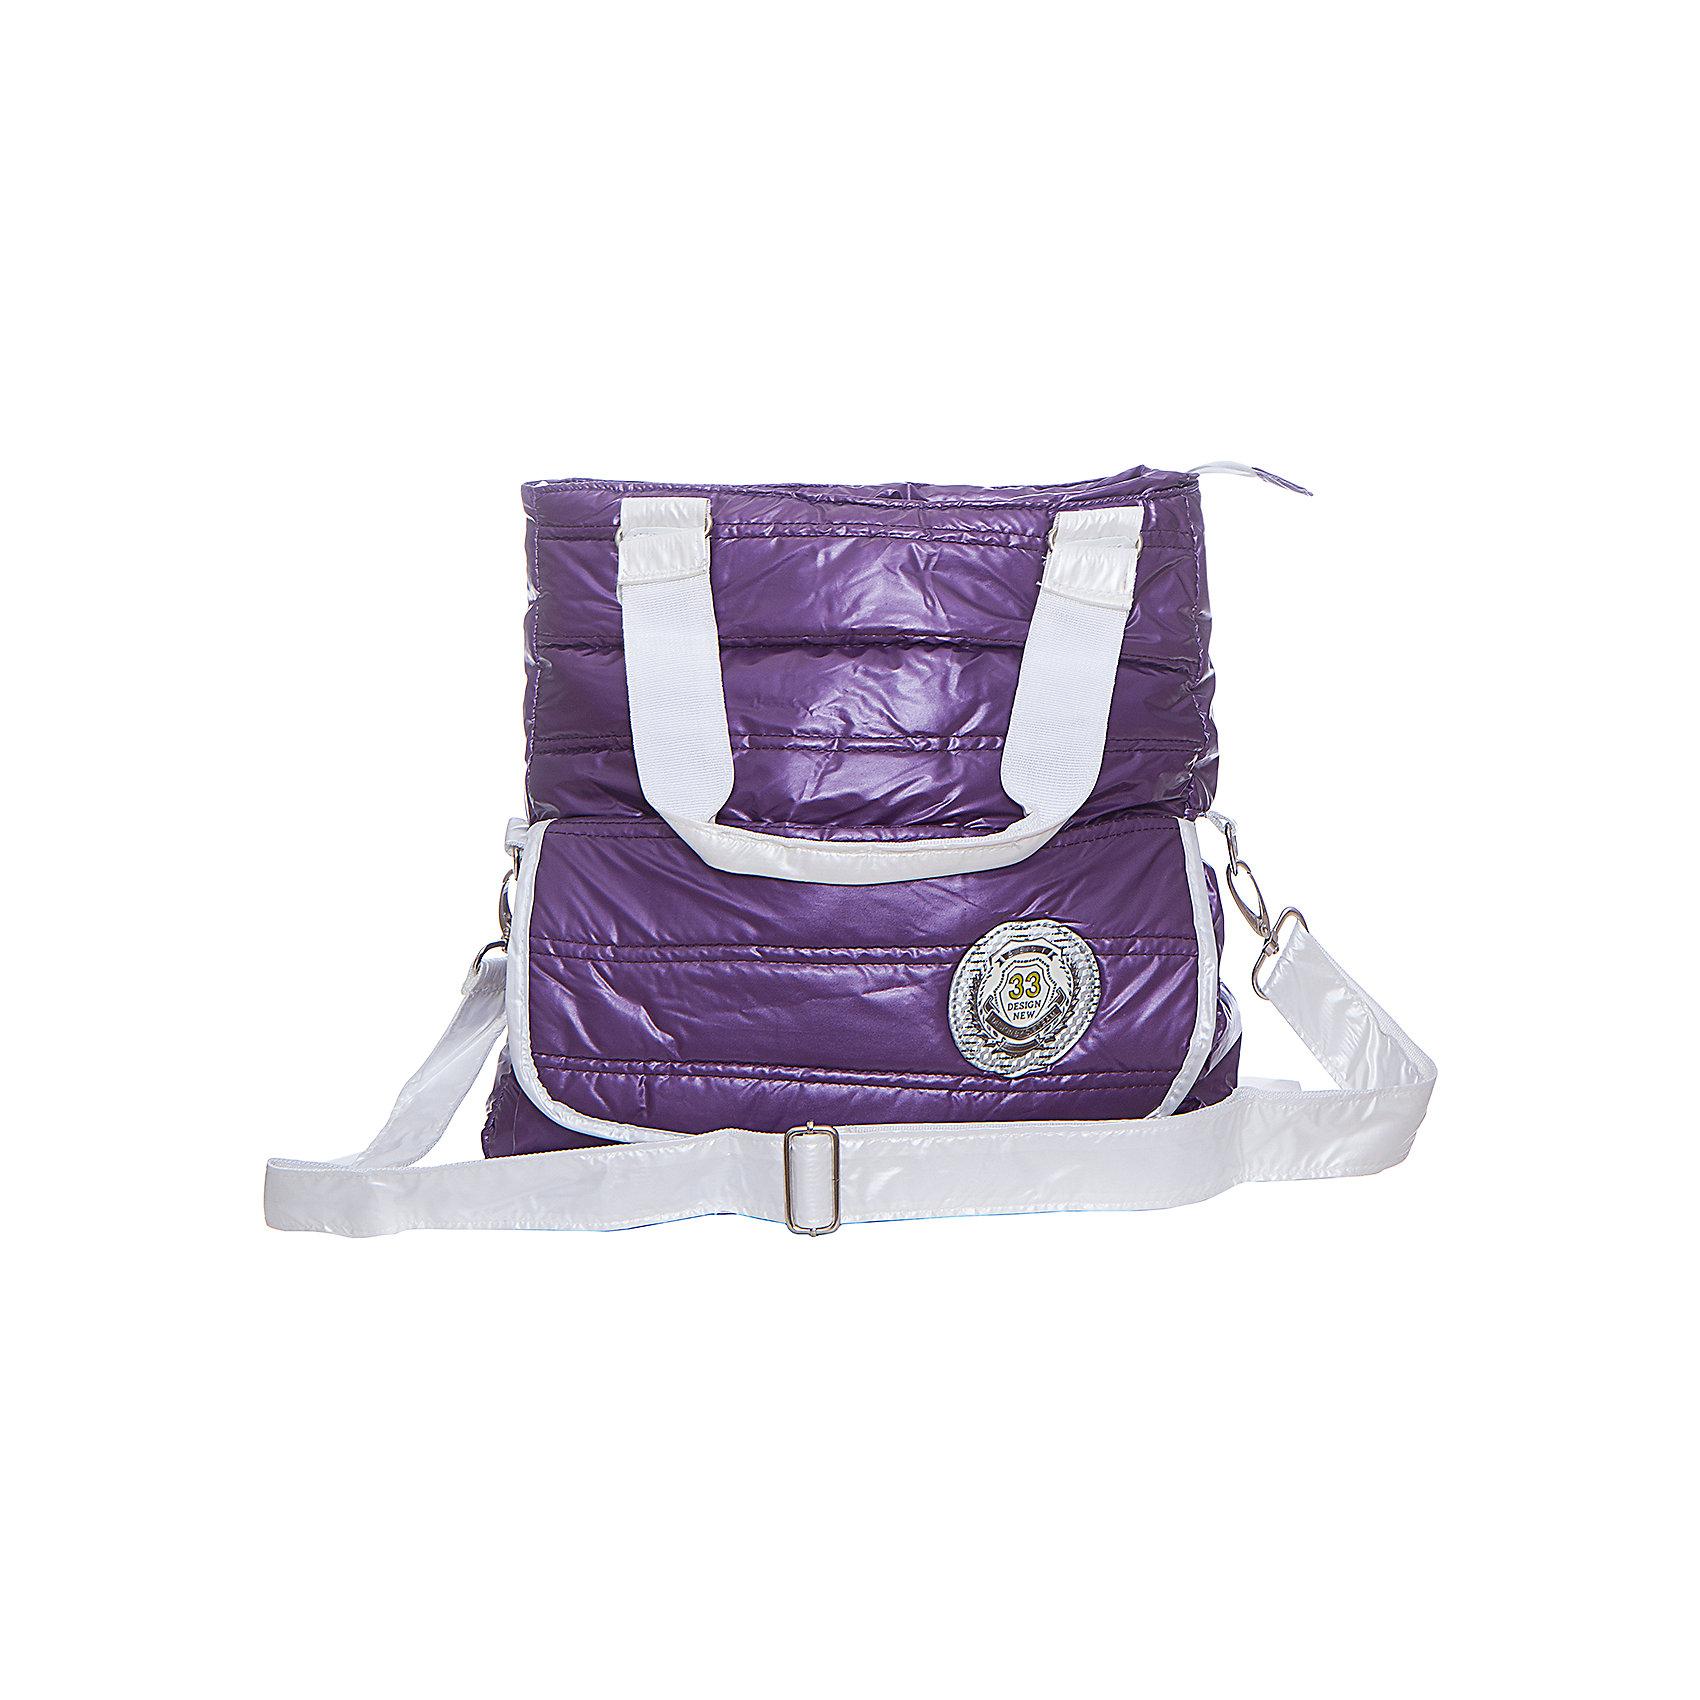 Сумка Bubble Check Yo, цвет фиолетовыйШкольные сумки<br>Интересная модель для отдыха и учёбы. Насыщенный цвет. Непромакаемый материал. Прочная и очень лёгкая сумка. Одно отделение на молнии. Регулируемый плечевой ремень. Большой передний карман на липучке.<br><br>Ширина мм: 400<br>Глубина мм: 200<br>Высота мм: 350<br>Вес г: 900<br>Возраст от месяцев: 48<br>Возраст до месяцев: 96<br>Пол: Женский<br>Возраст: Детский<br>SKU: 5475528